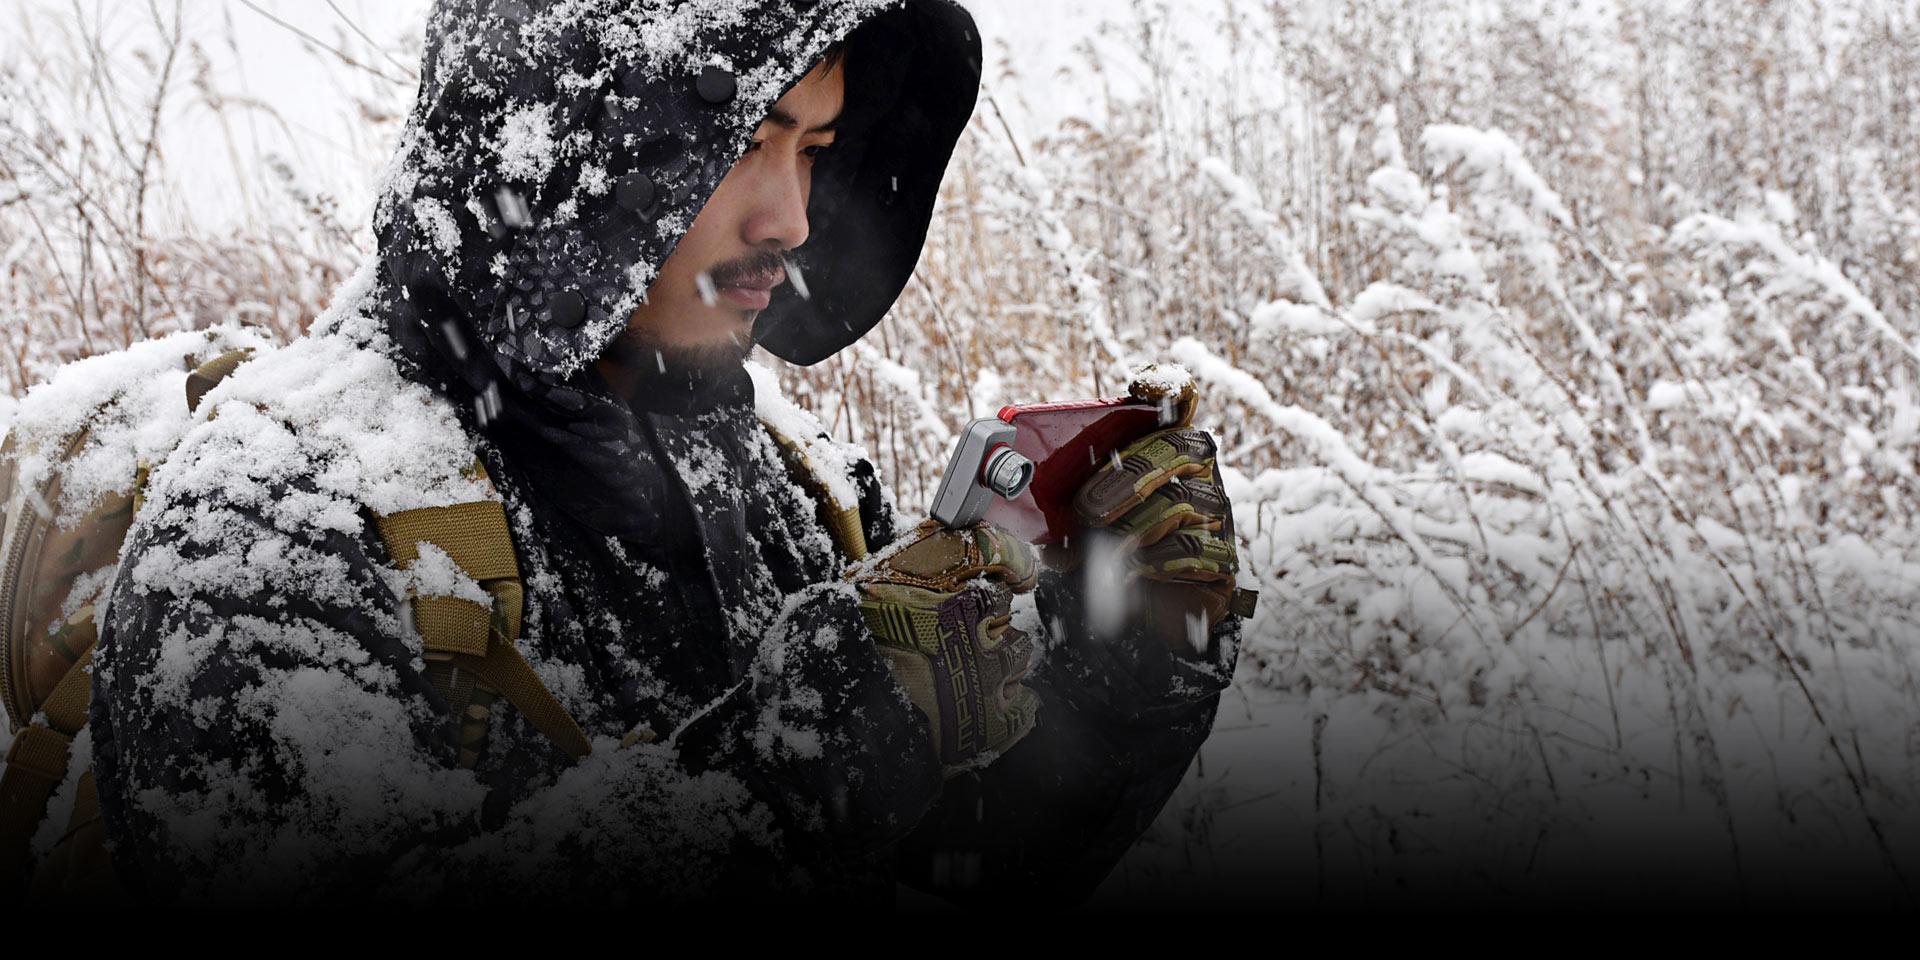 艾睿光电红外热成像仪应用于动物观察